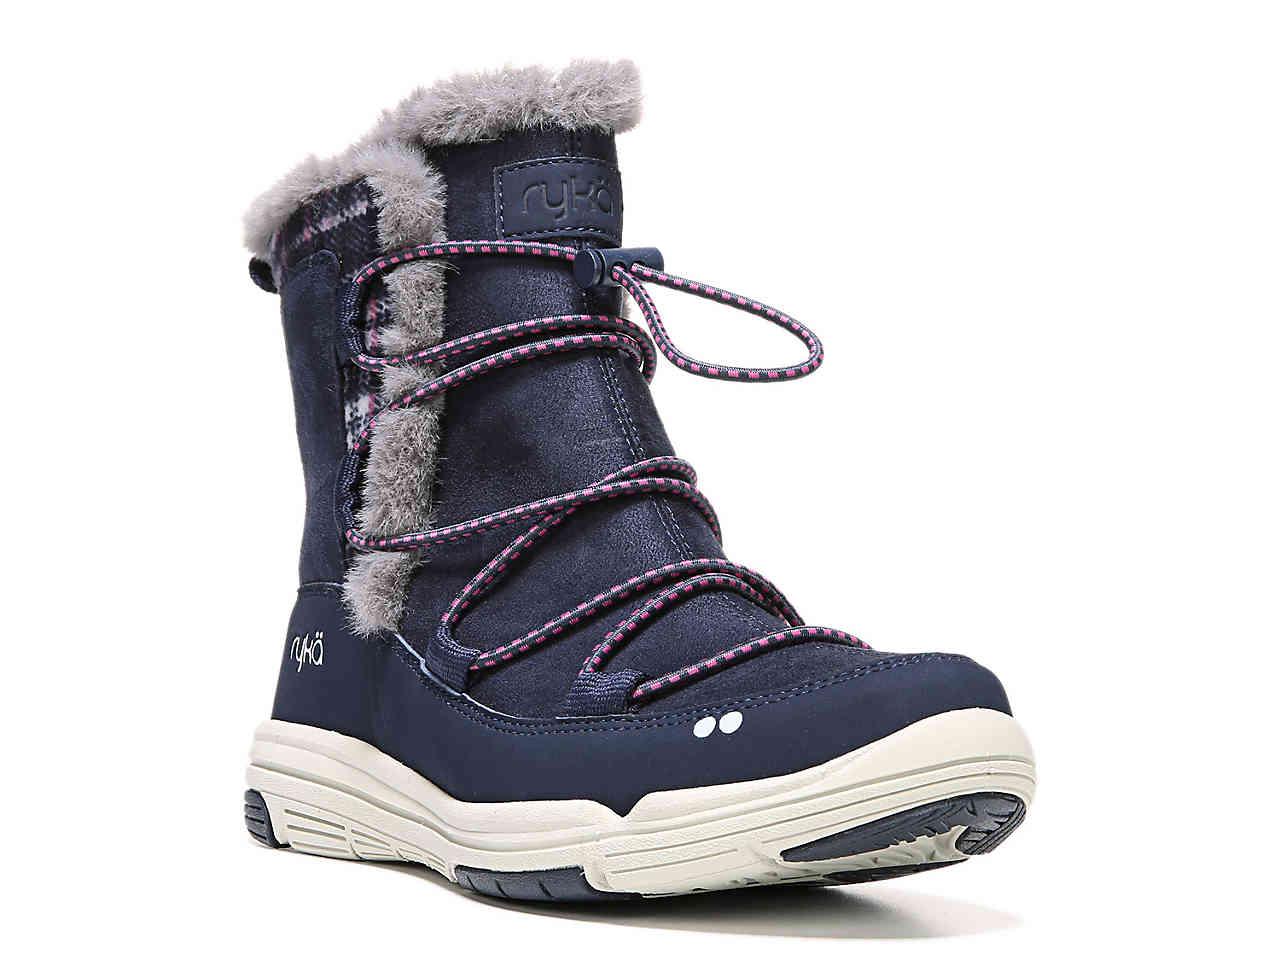 Ryka boot